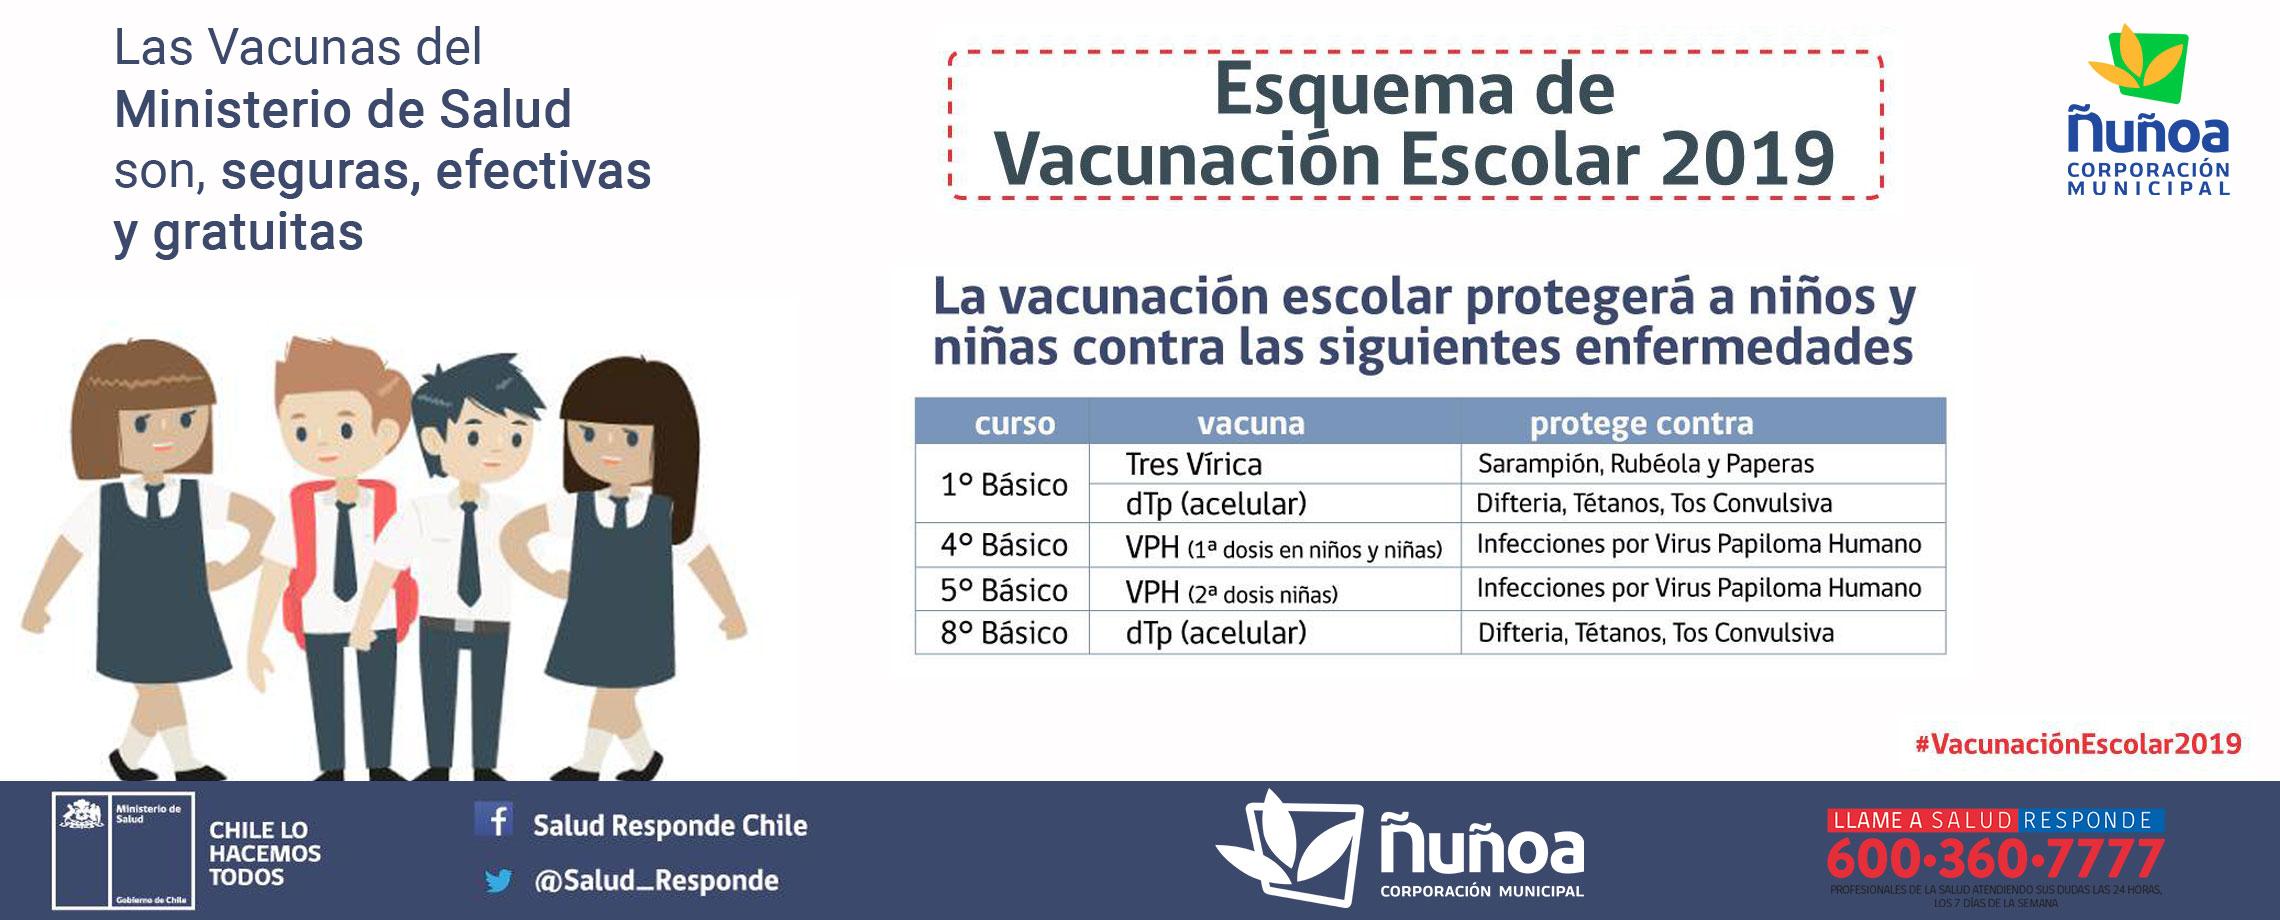 Comienza la vacunación de escolares contra distintas enfermedades